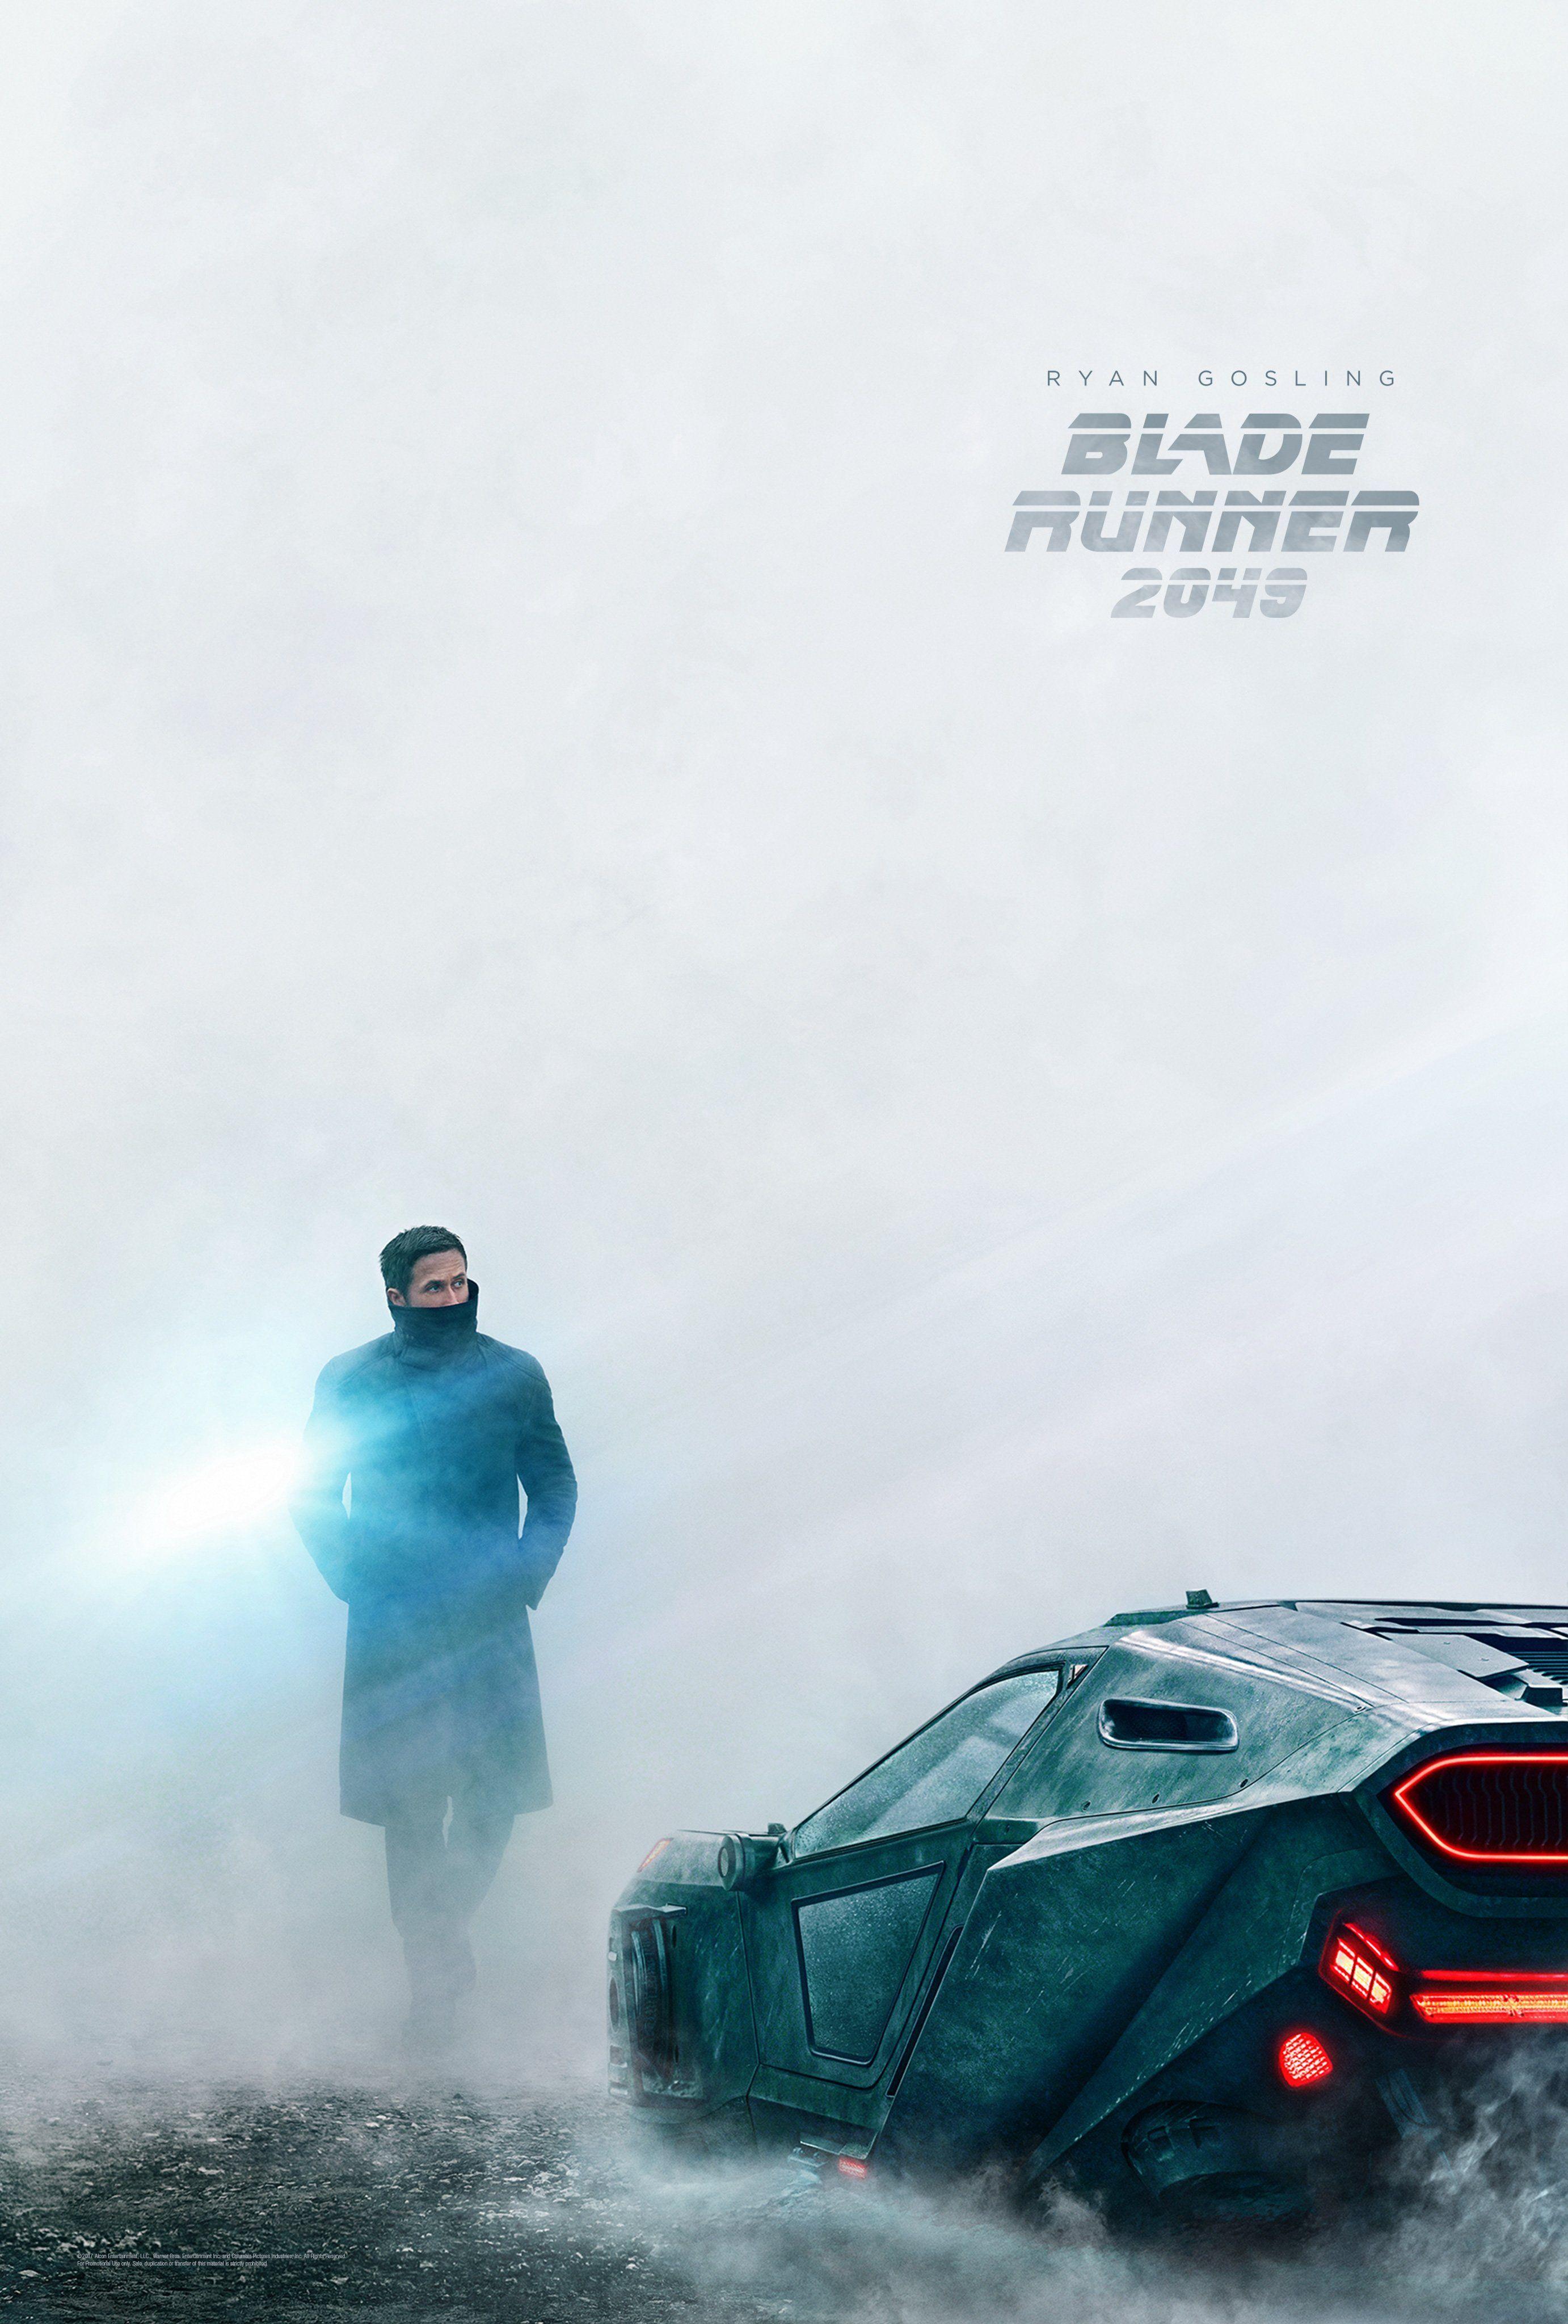 Afbeeldingsresultaat voor blade runner poster 2049 ryan gosling